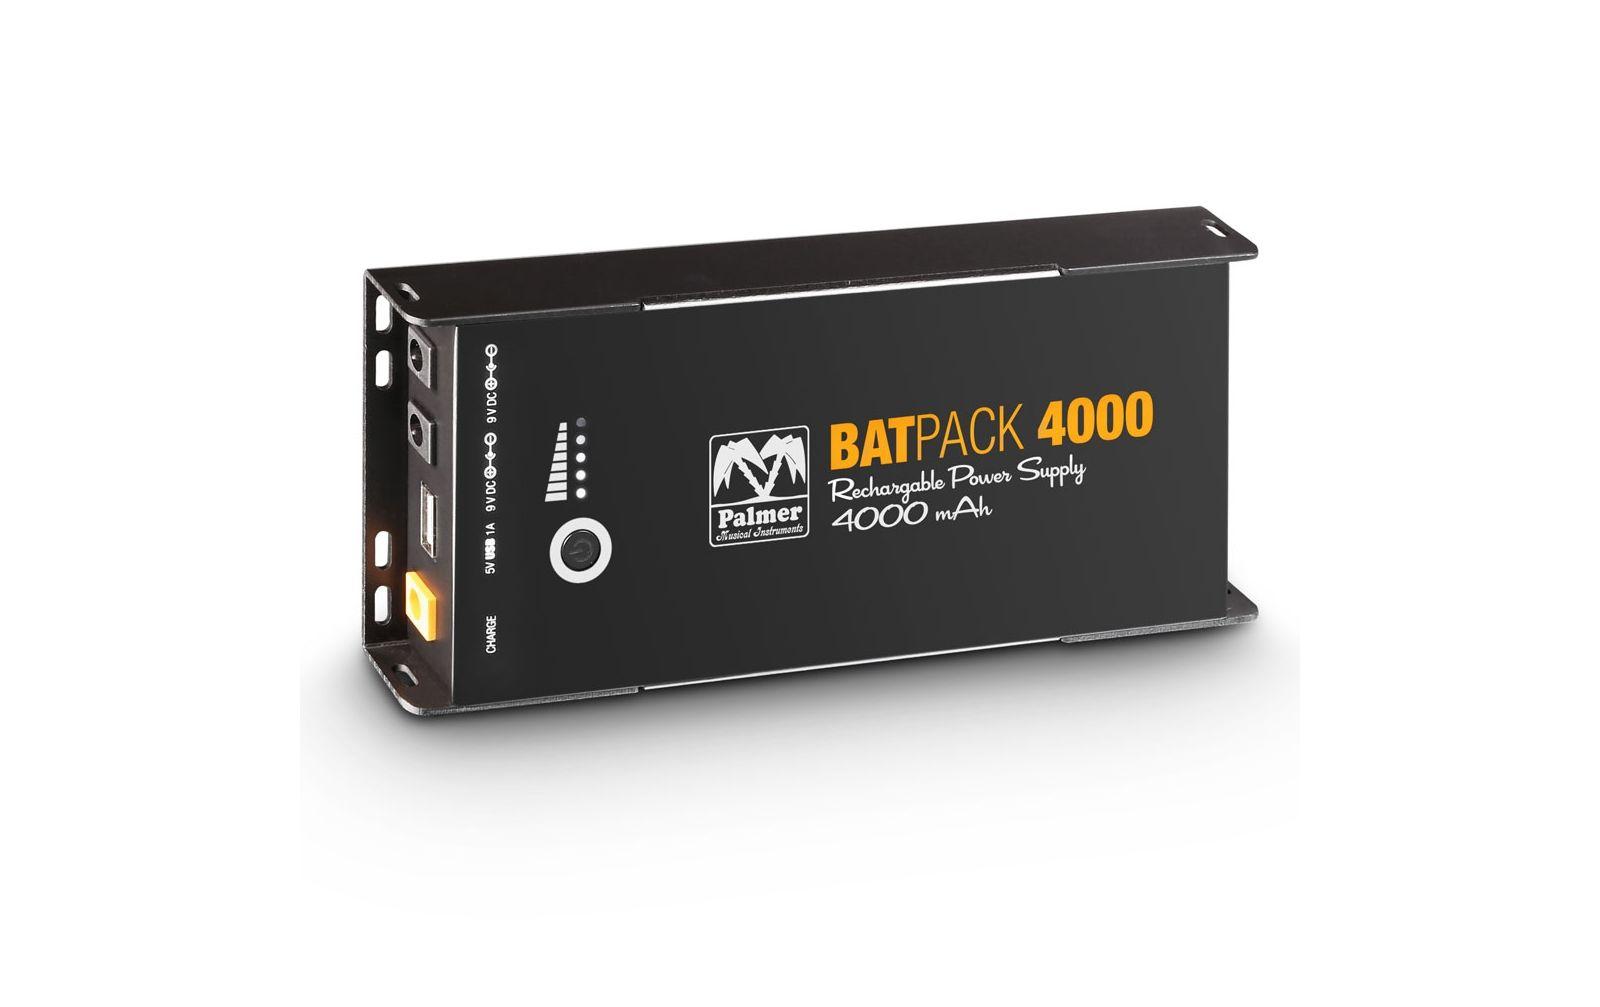 palmer-batpack-4000-akku-stromversorgung-fa-r-pedalboards-4000mah